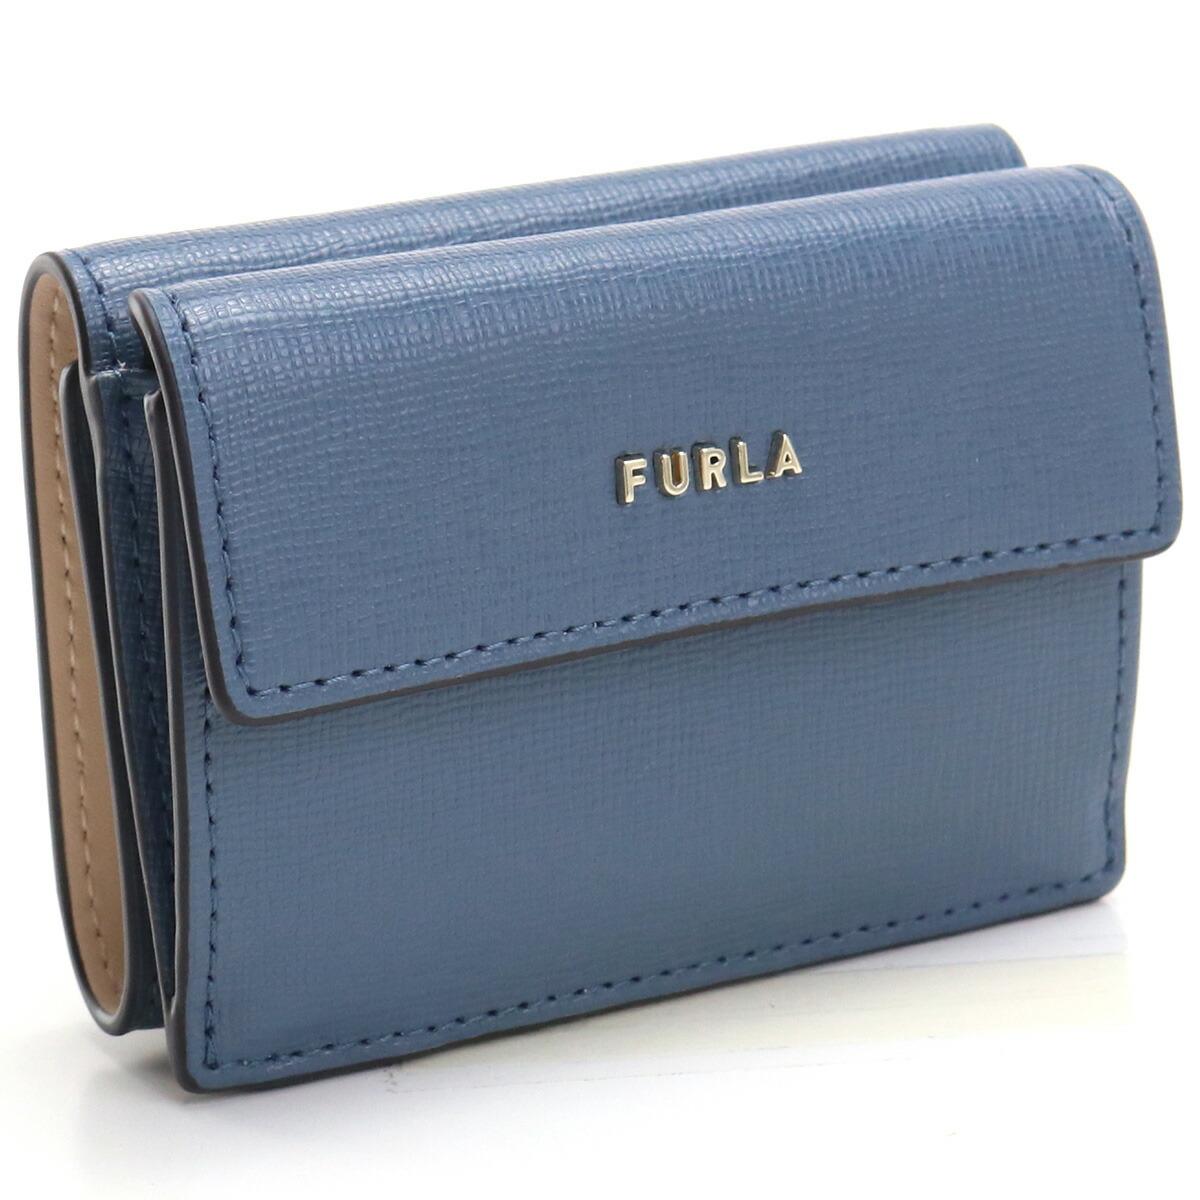 フルラ FURLA BABYLON 3つ折り財布 ブランド財布 ミニ財布 コンパクト財布 PCY9UNO B30000 0245S BLU DENIM+BALLERINA ブルー系 gsw-2